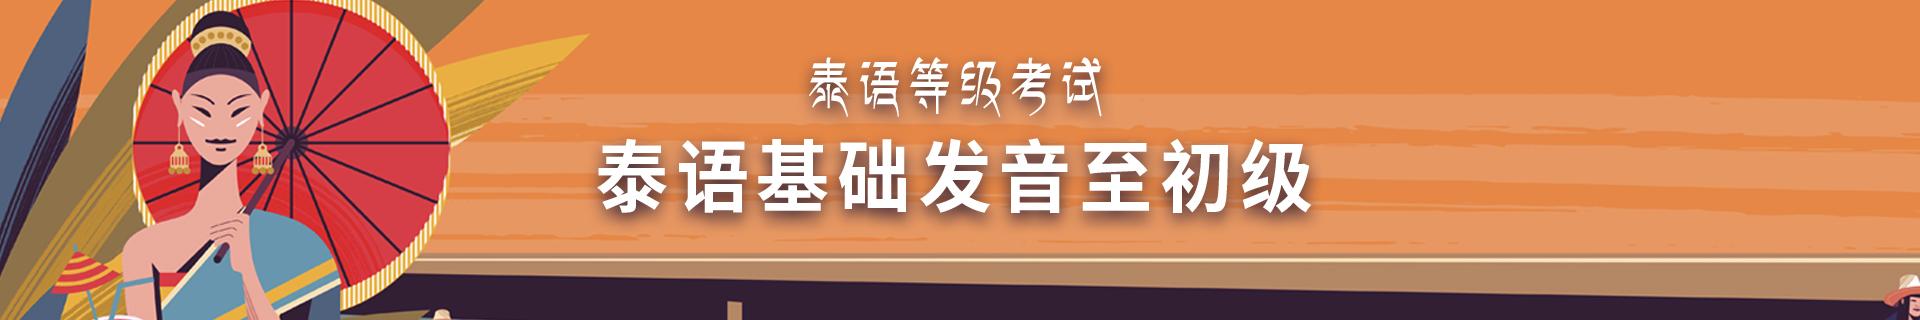 杭州下城区欧风小语种培训